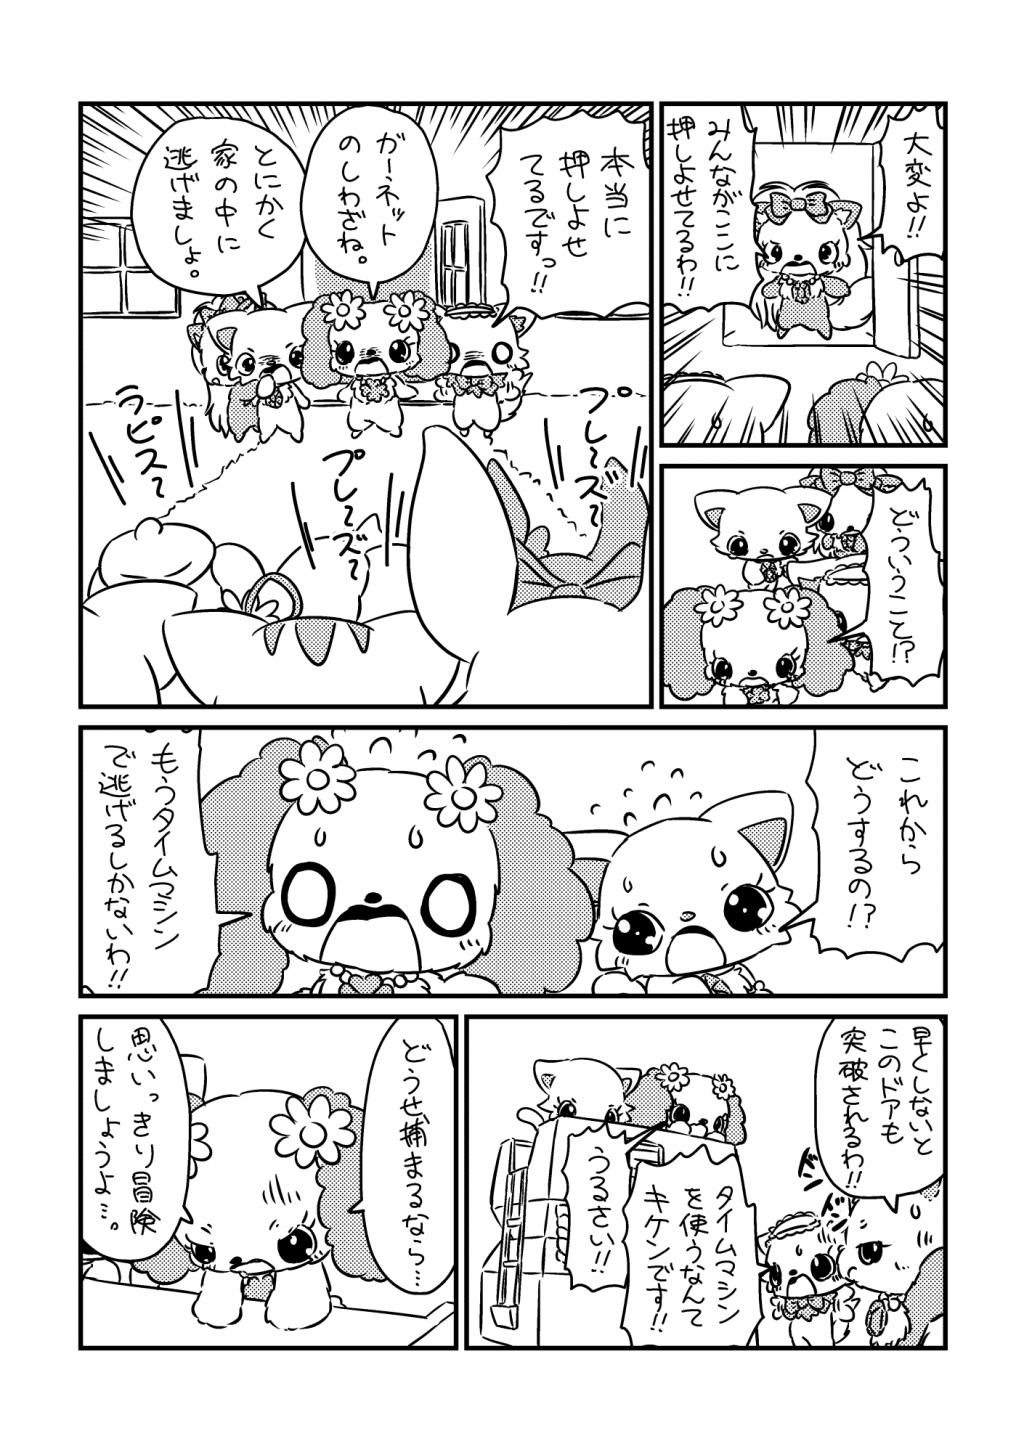 プレーズ ひみつのけんきゅうしつにせんにゅう! (5ページ)